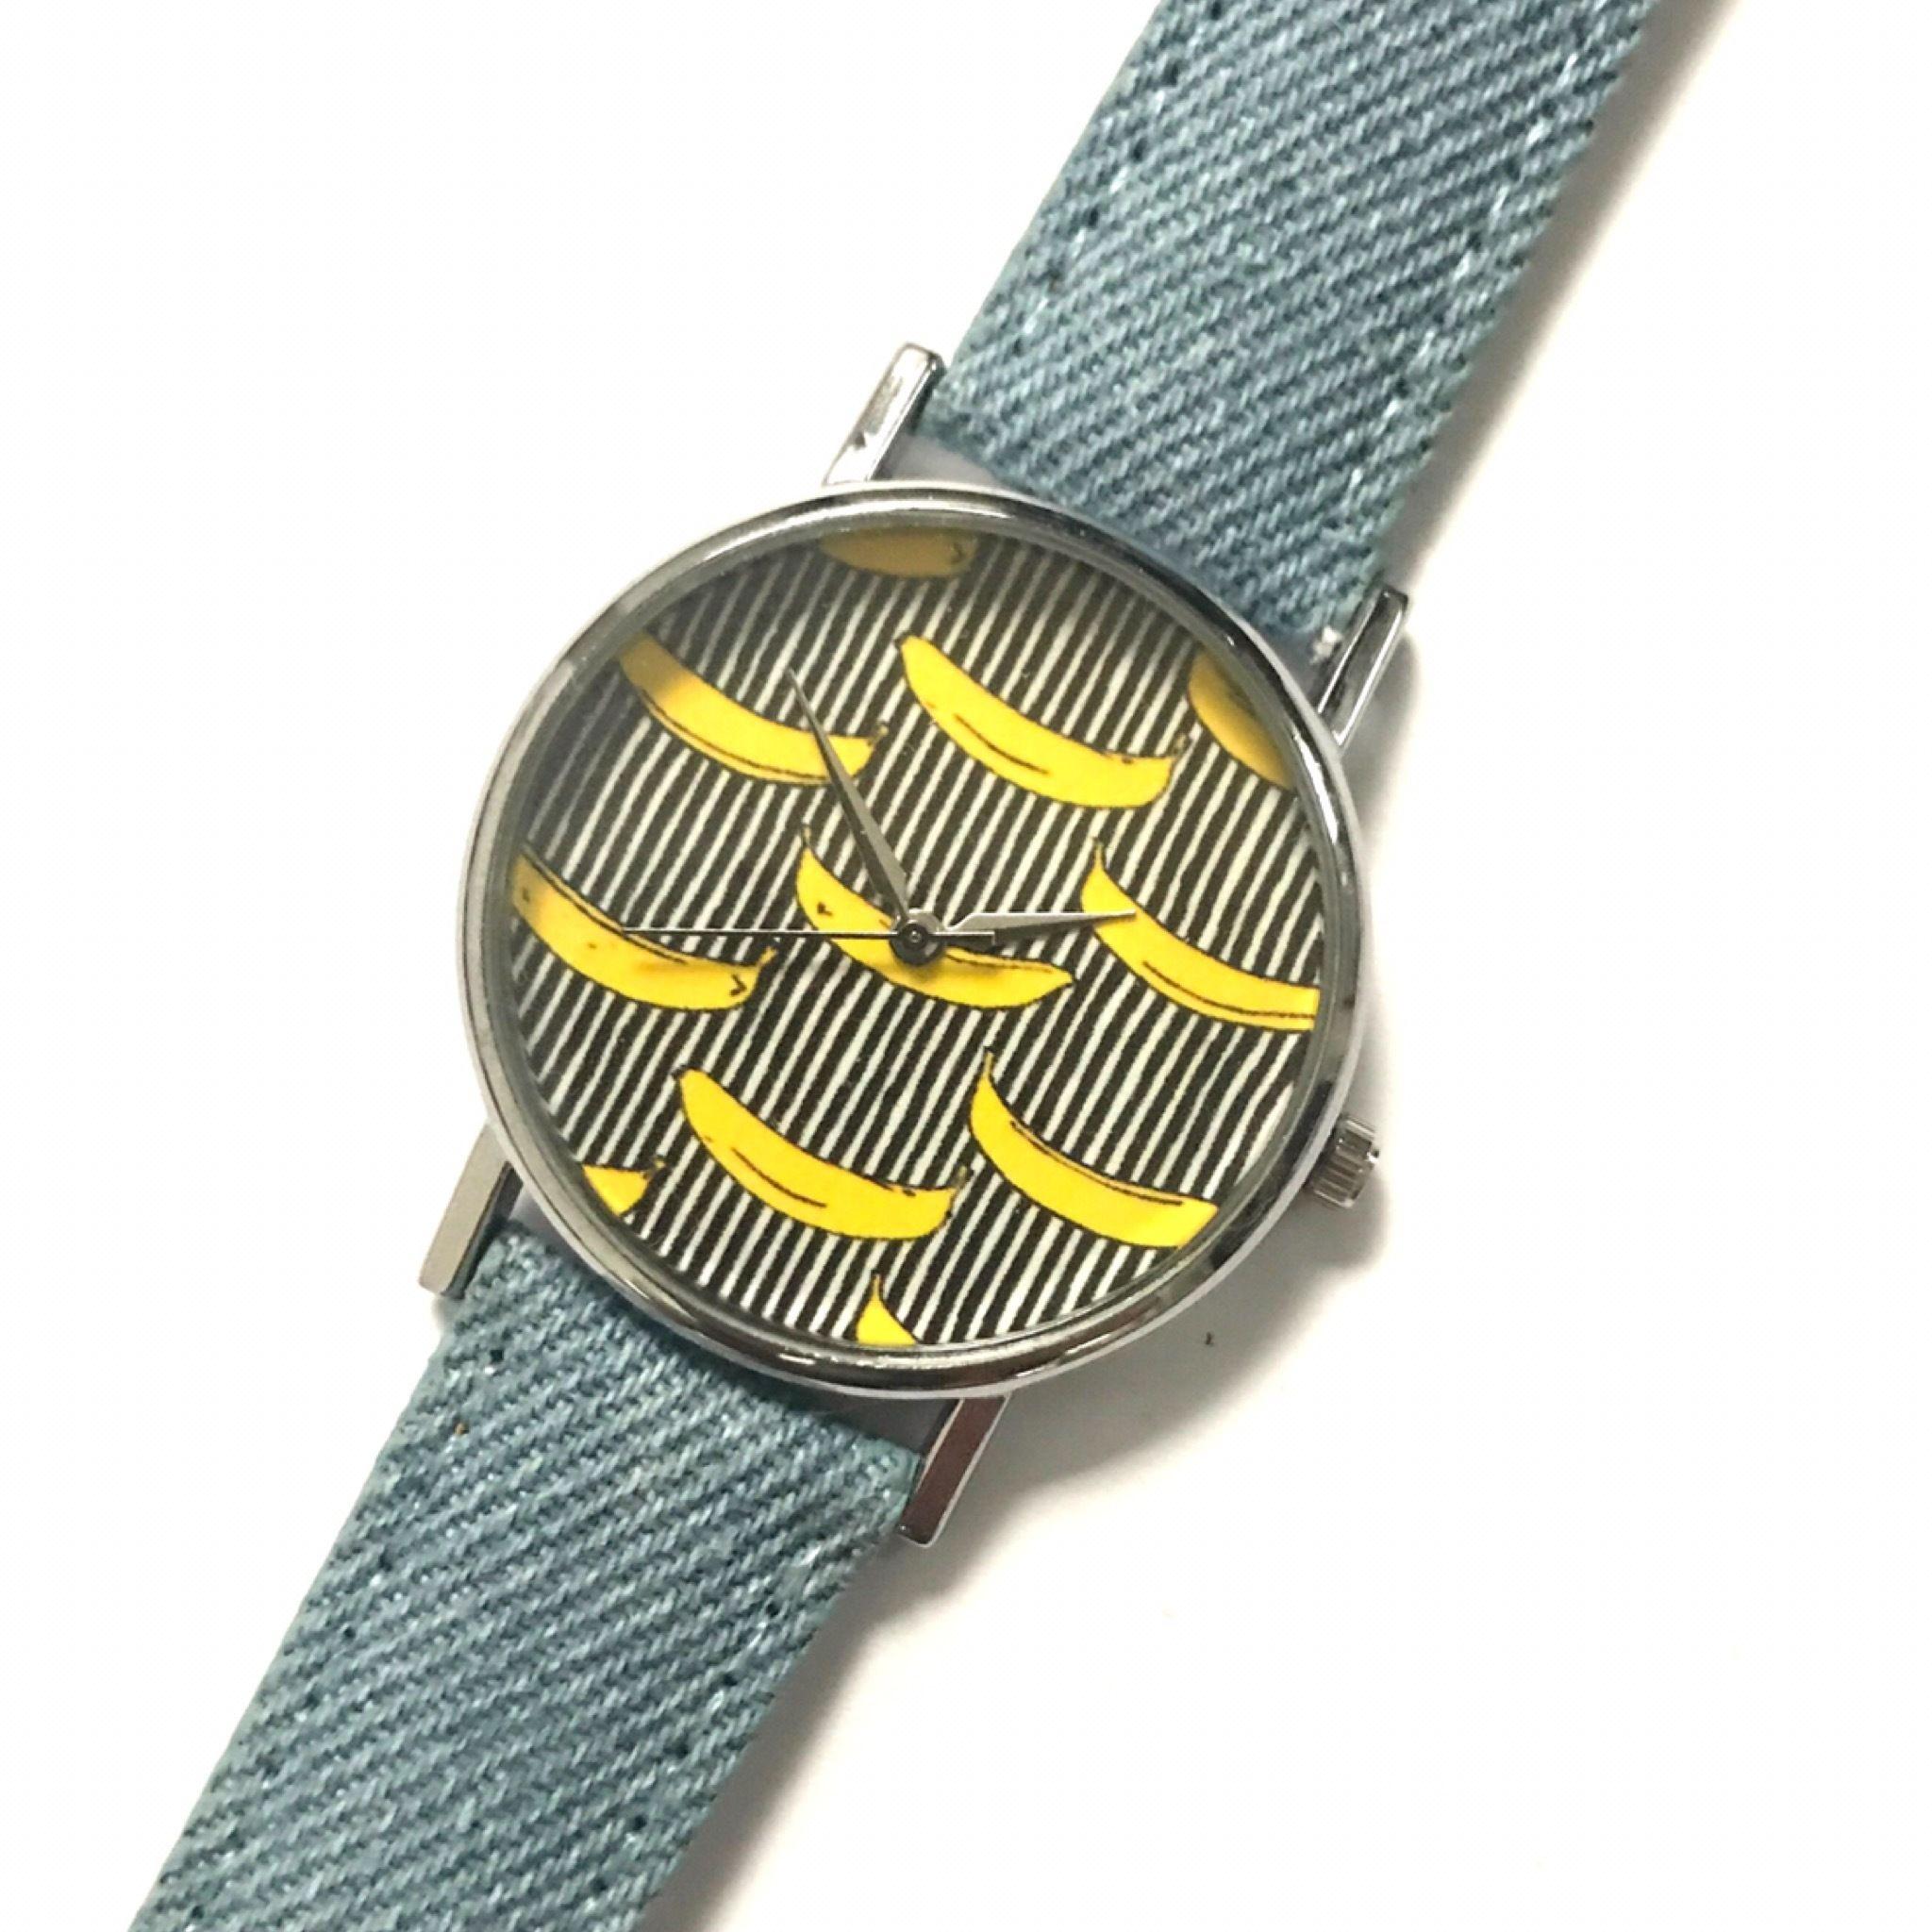 デニムベルト 腕時計 レディース シンプル ギフト 人気 プレゼント 時計